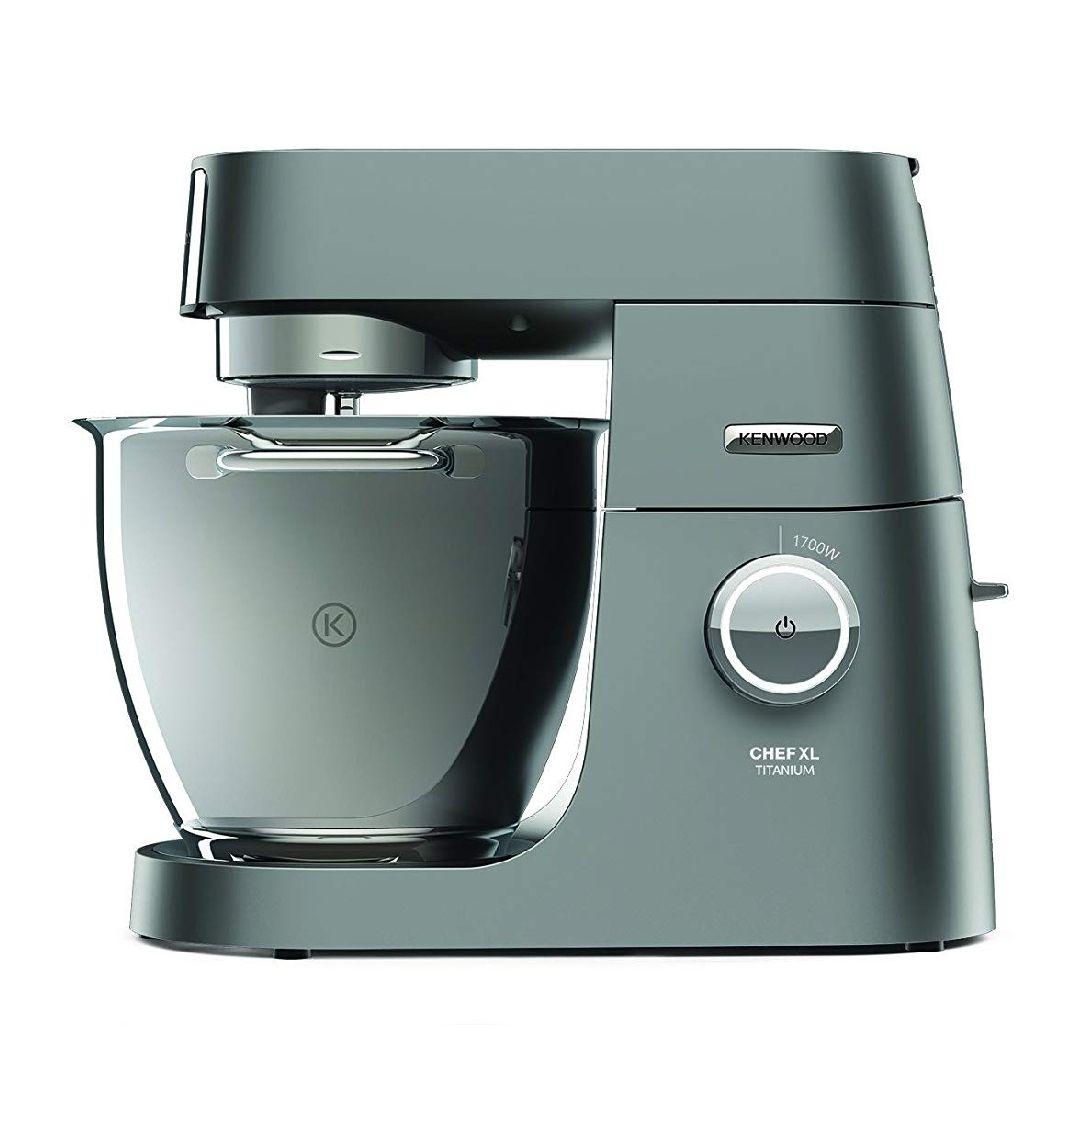 [Amz Fr] Kenwood Chef XL Titanium KVL8300S